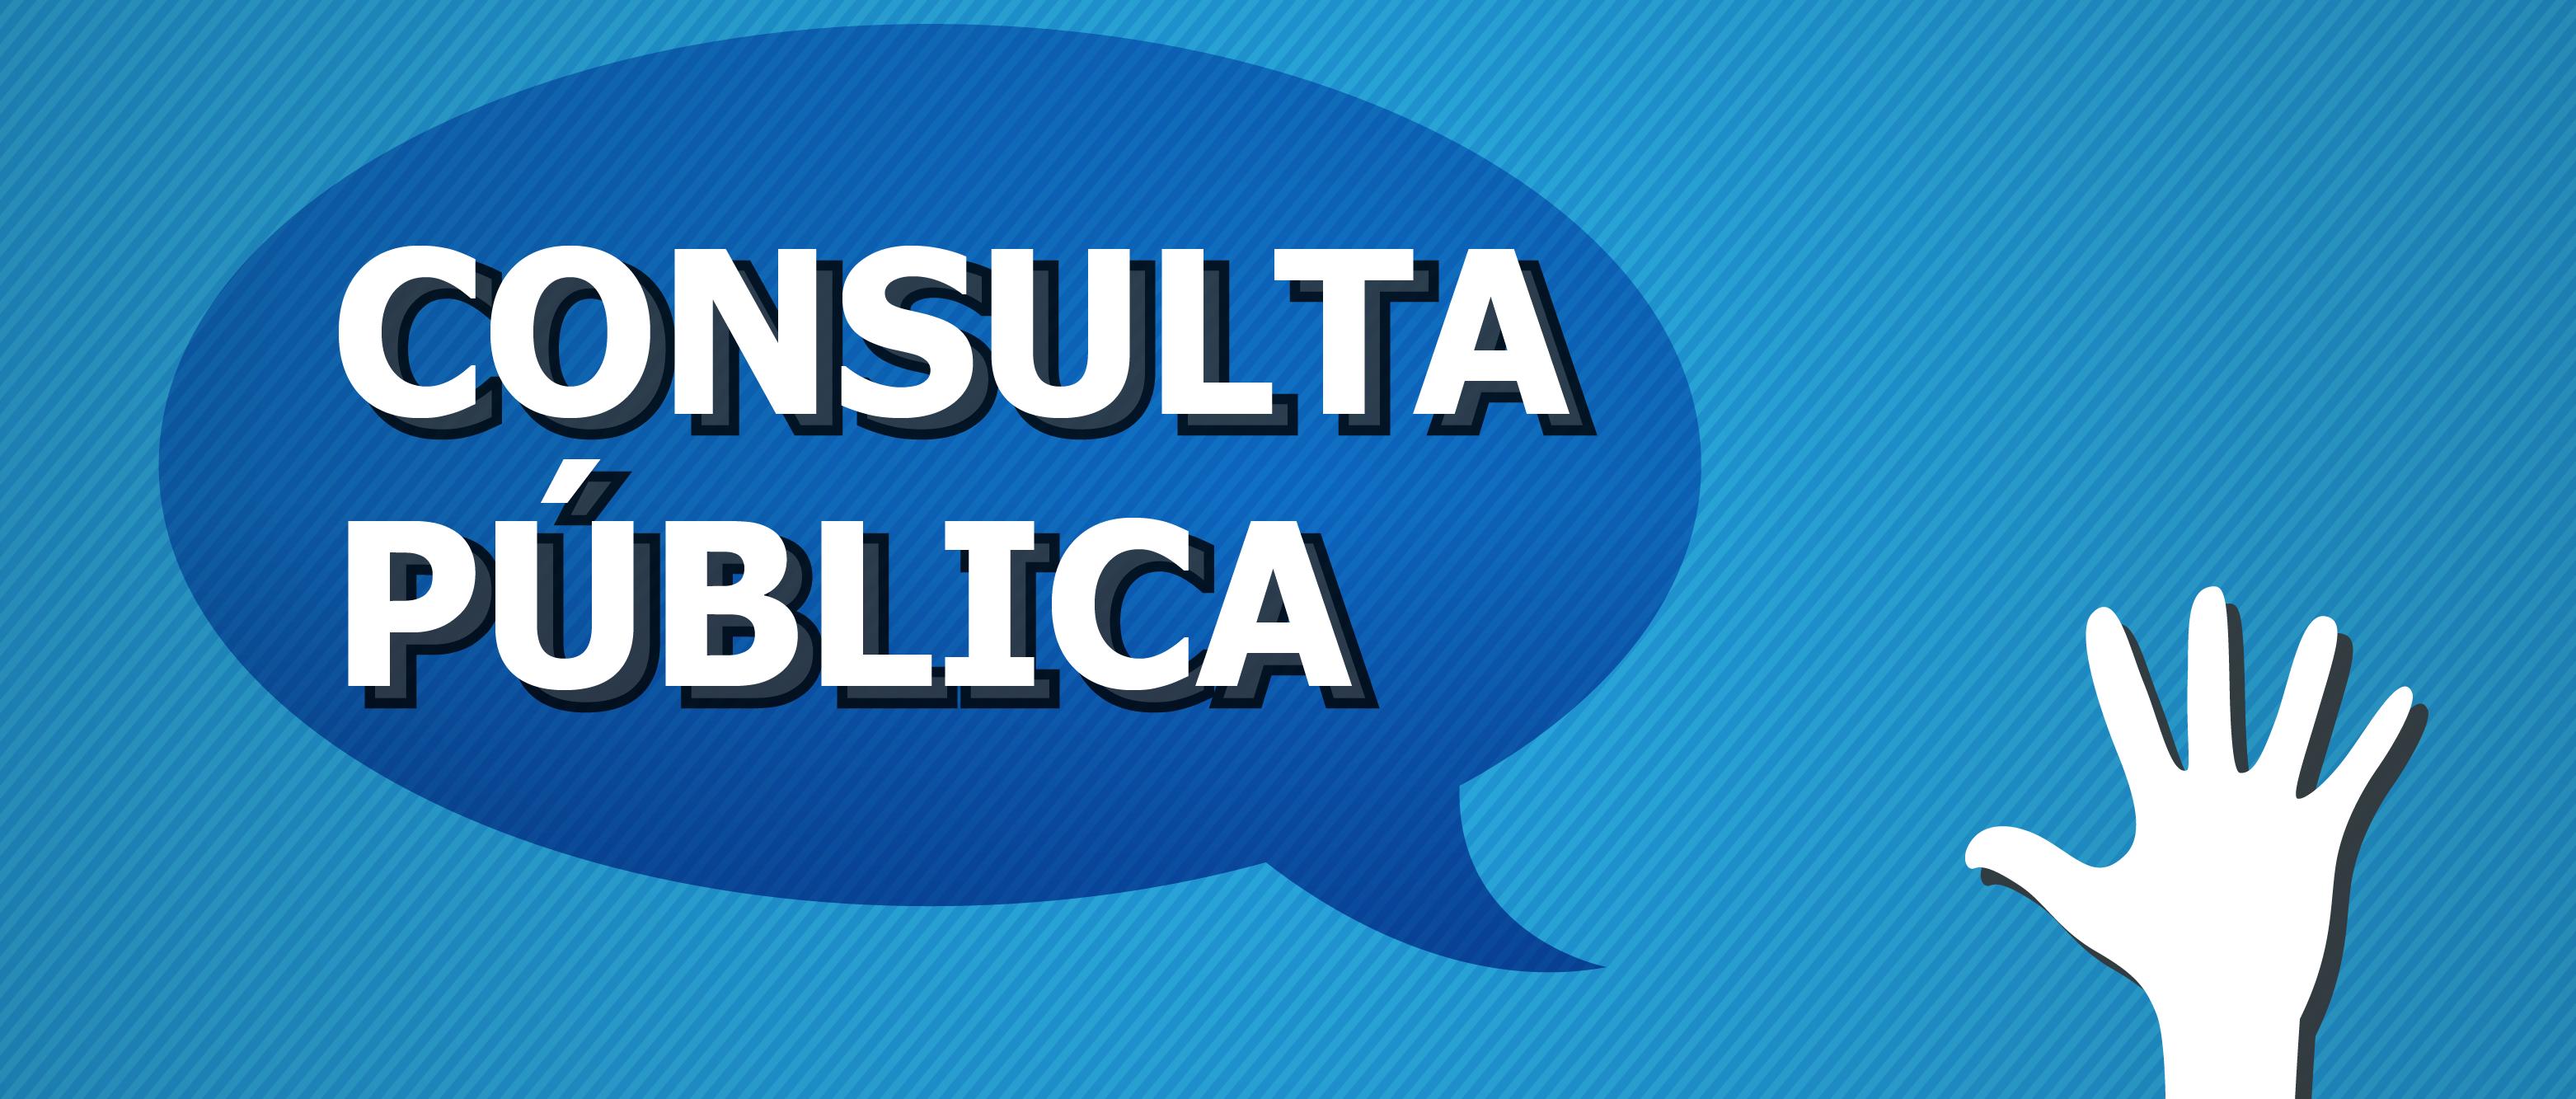 Aberta consulta pública para revisão do regulamento discente